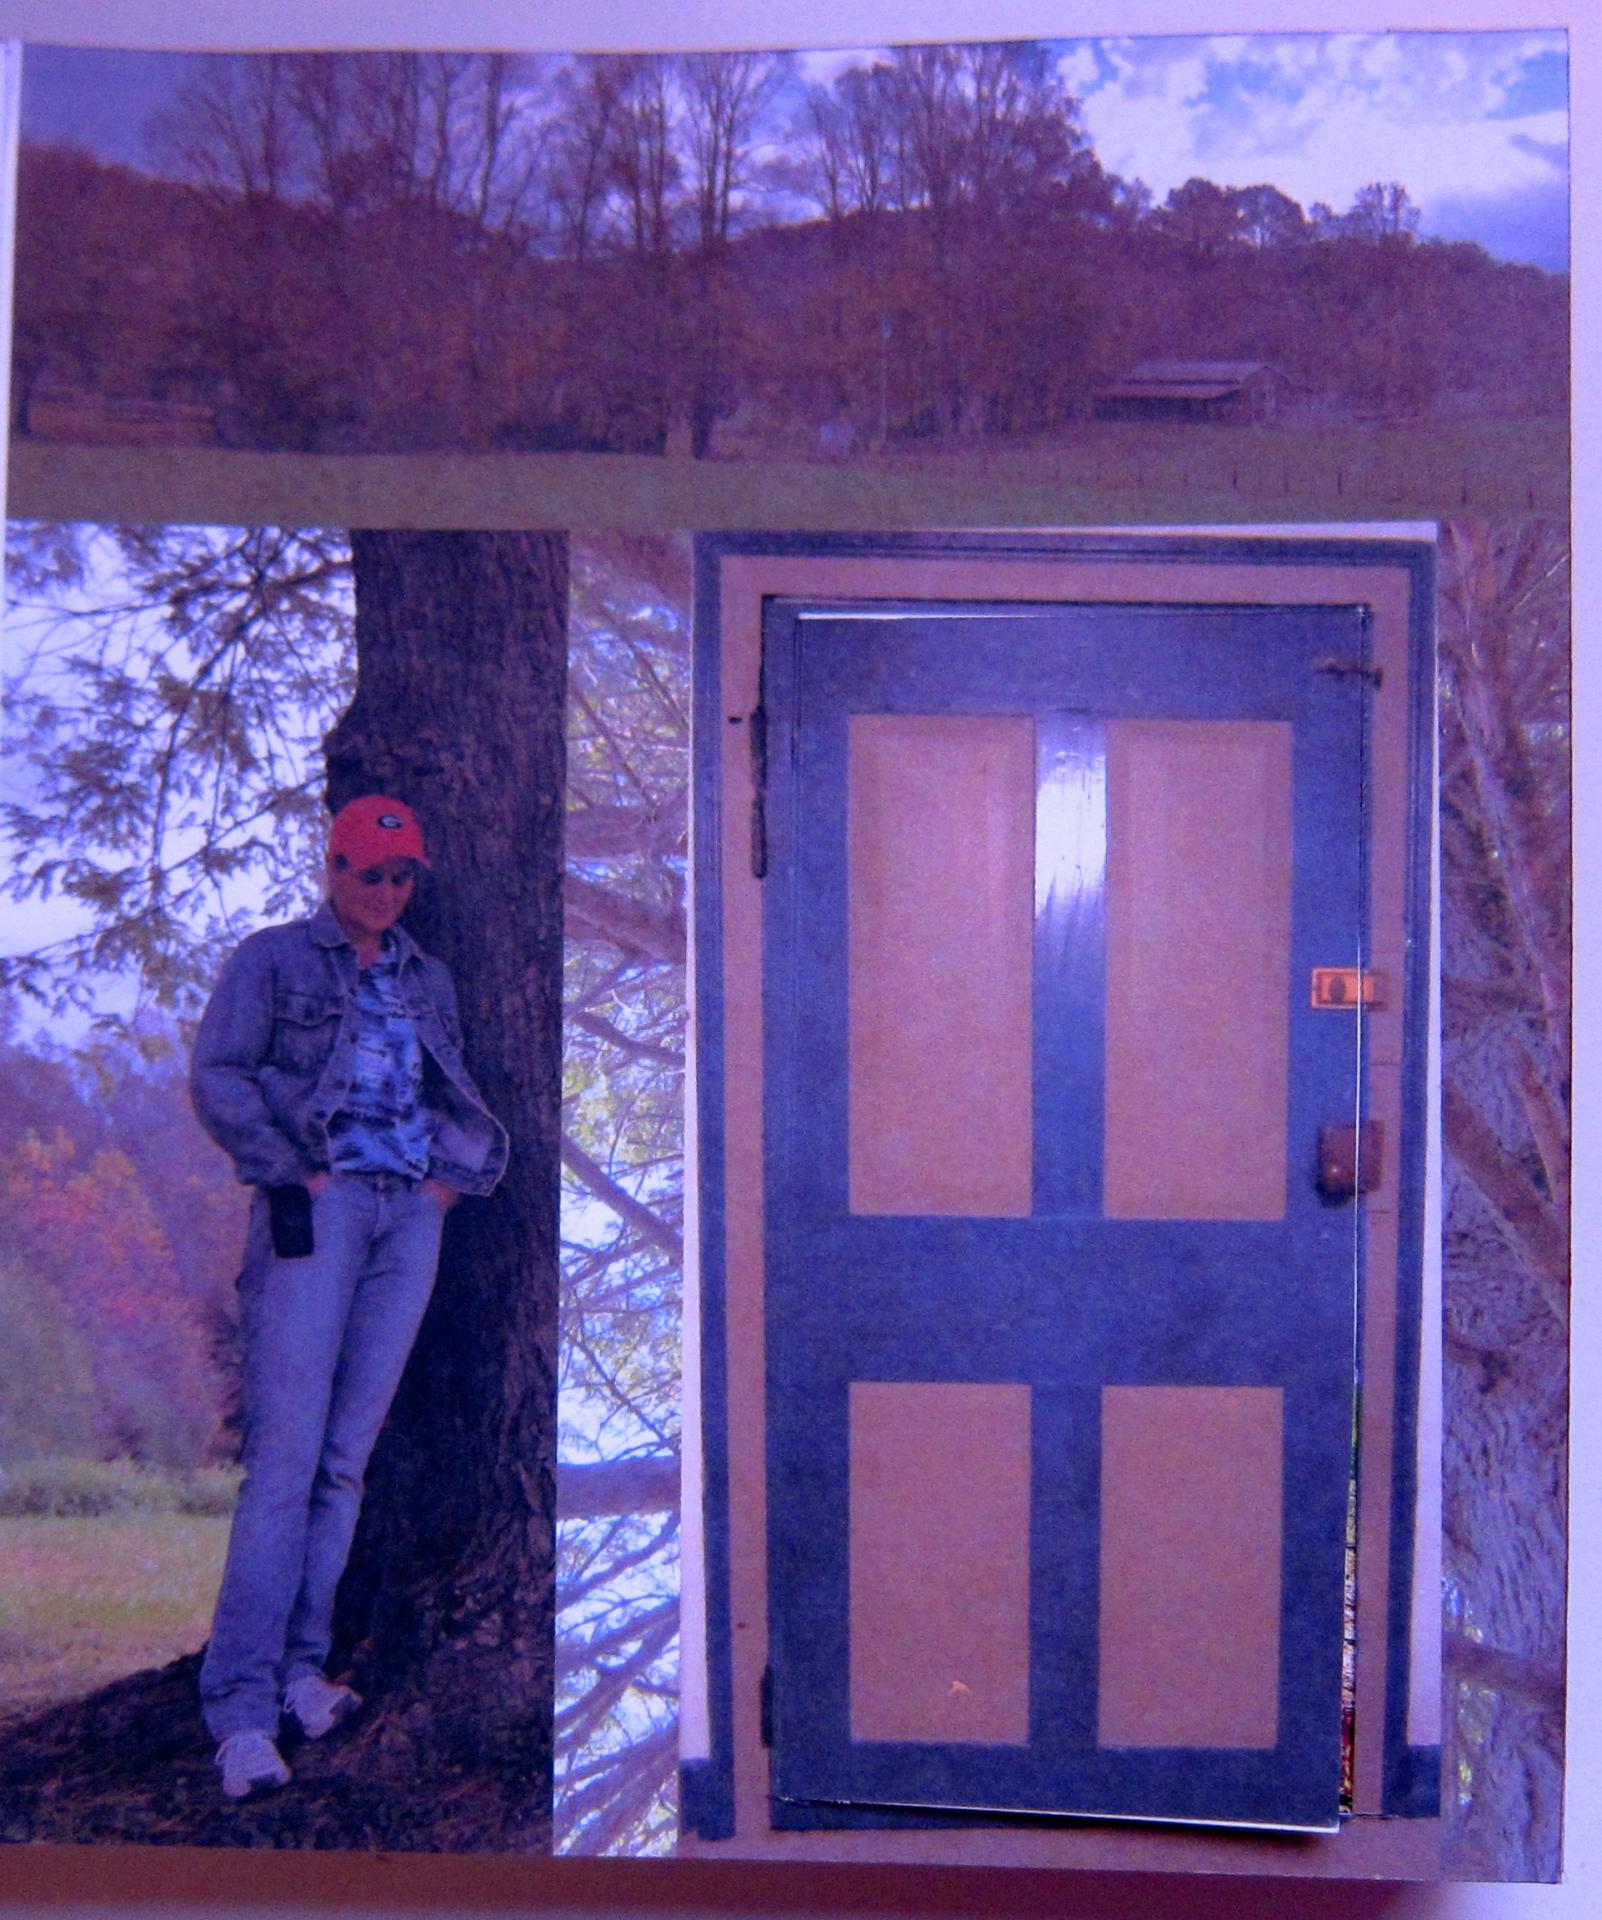 Flap Doors to Reveal Photos